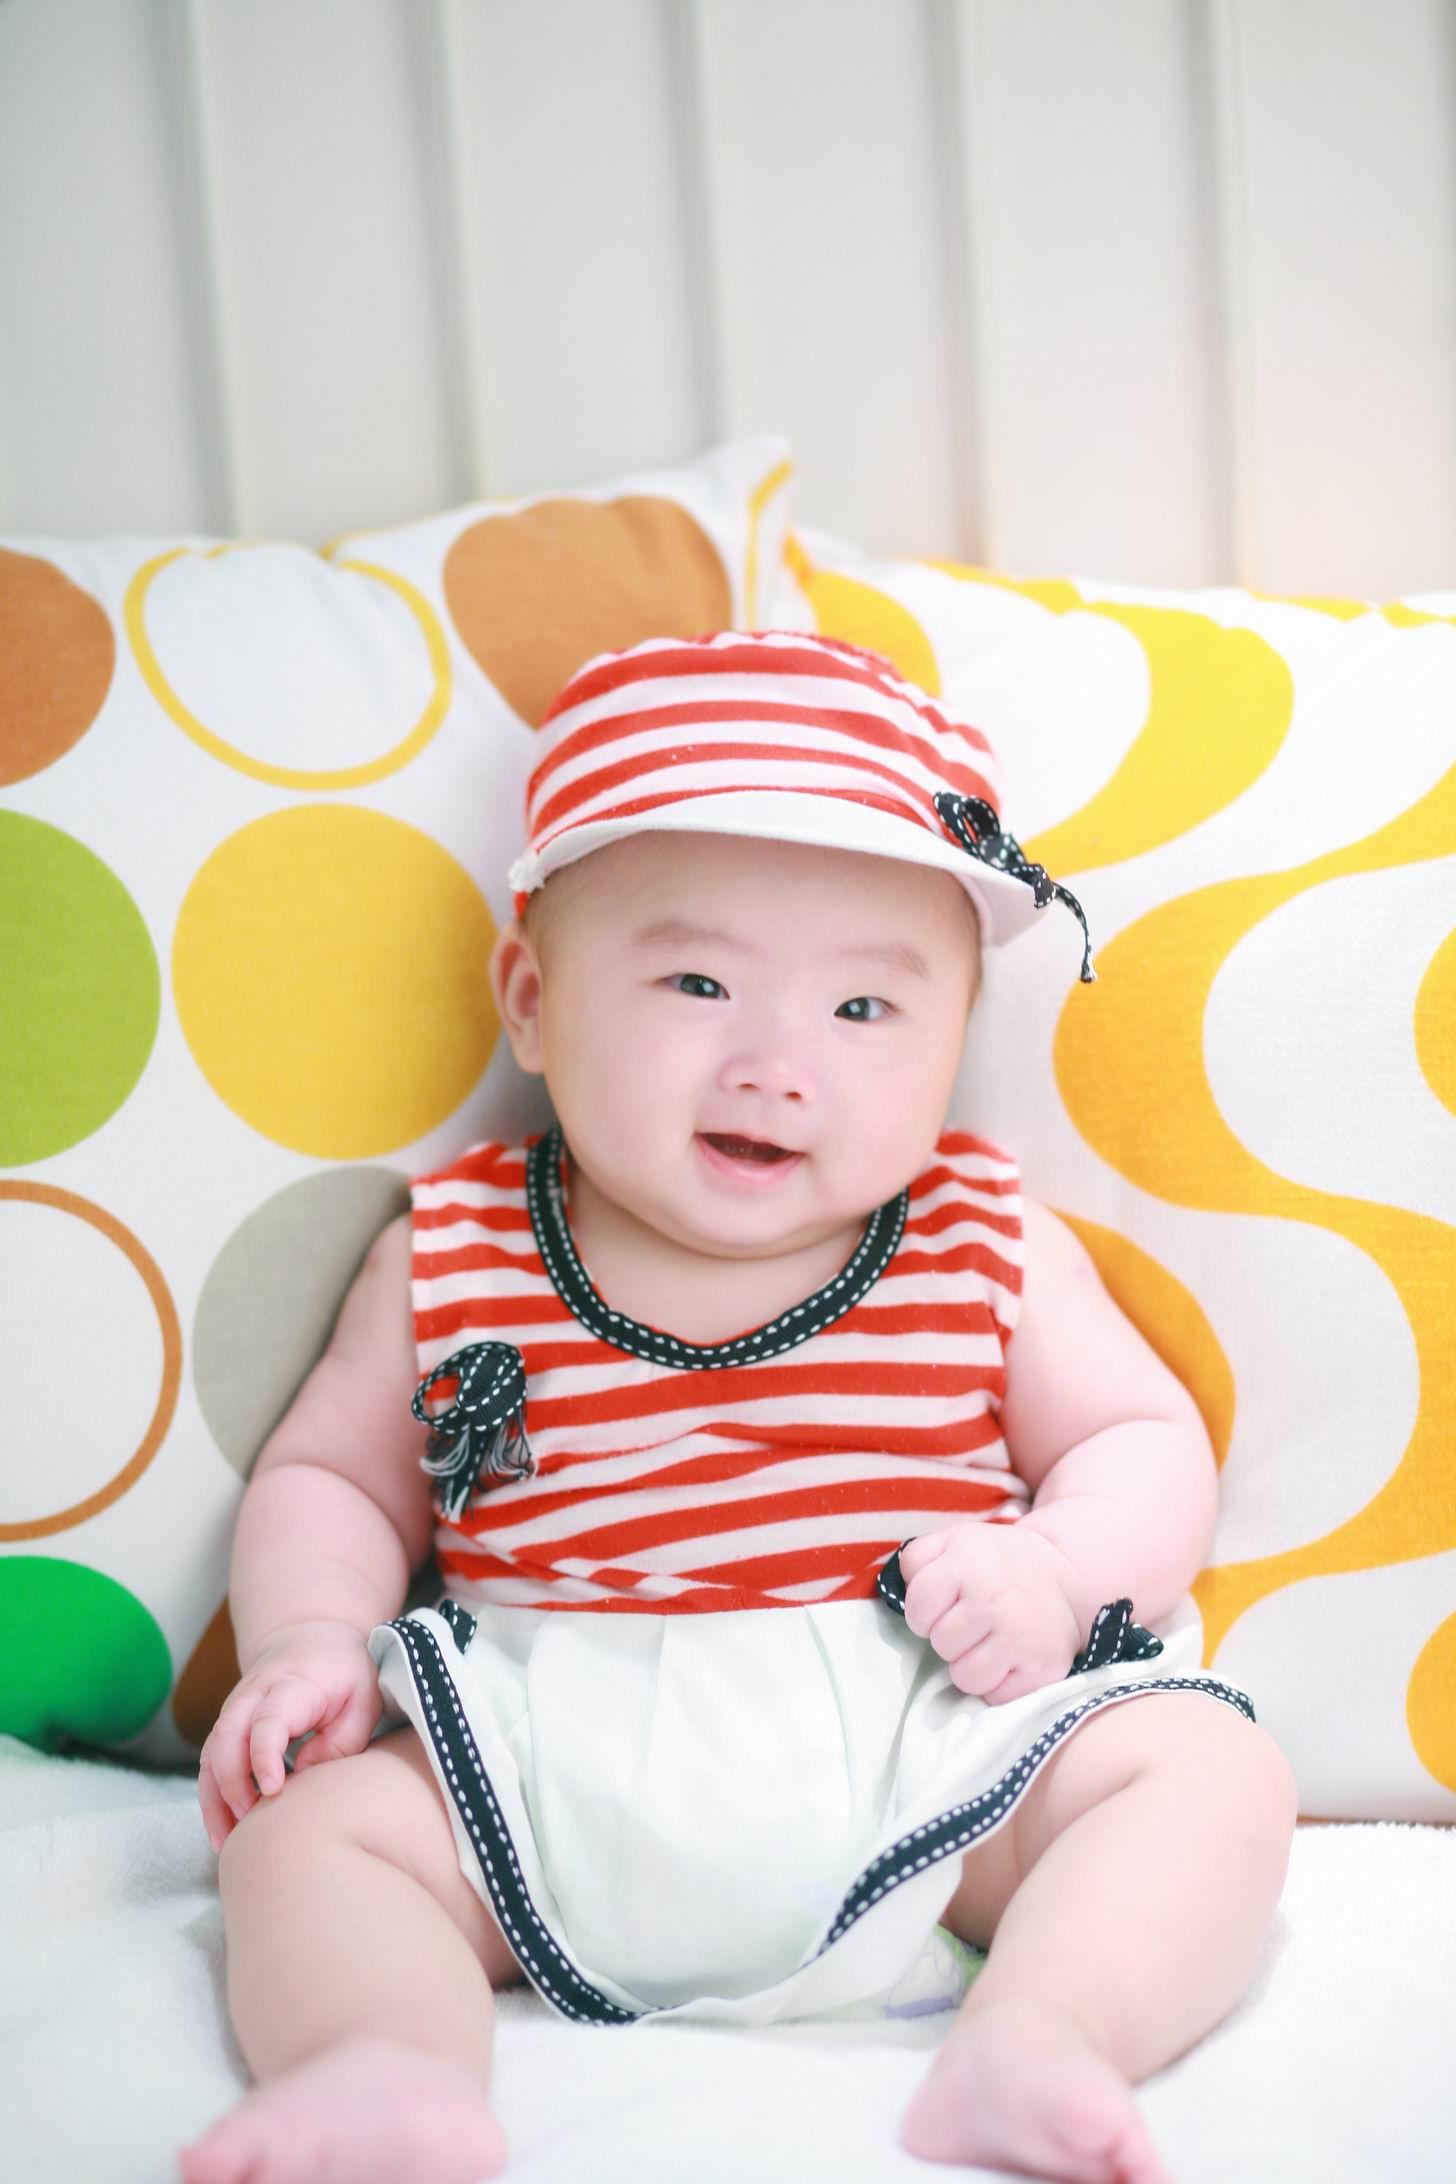 漂亮宝宝图片大全可爱 龙凤胎